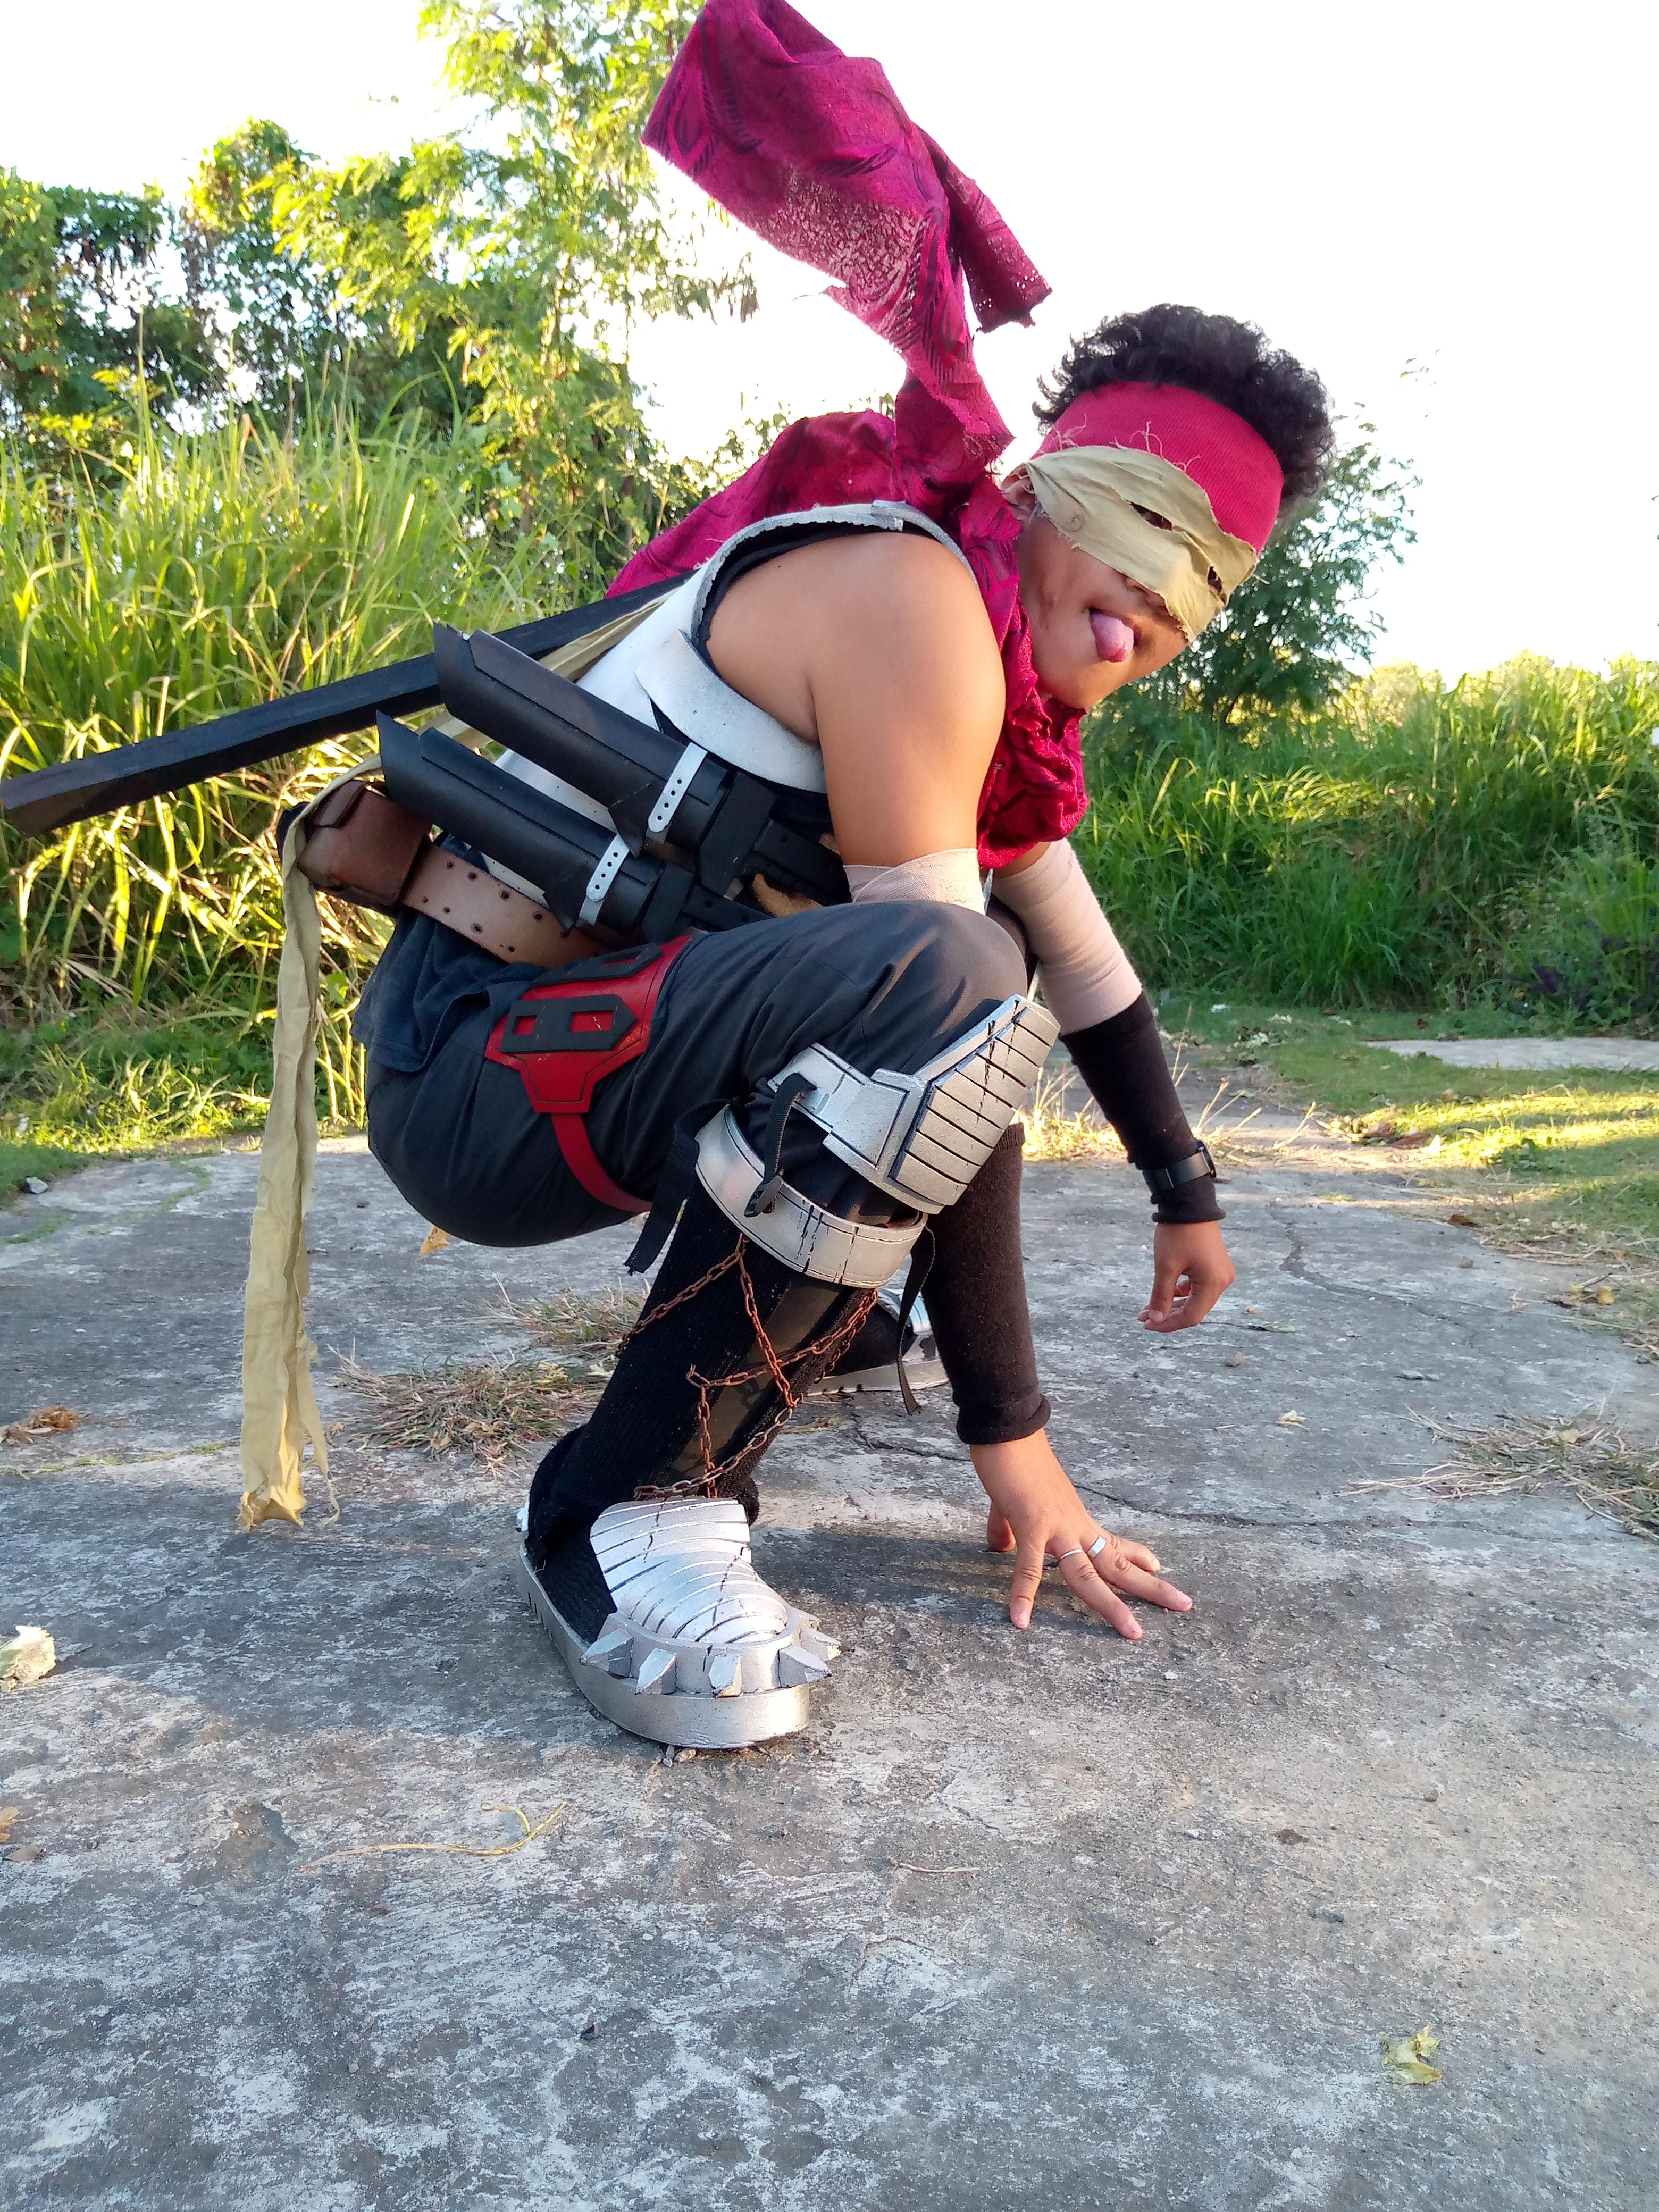 Ninja-looking guy, bent over